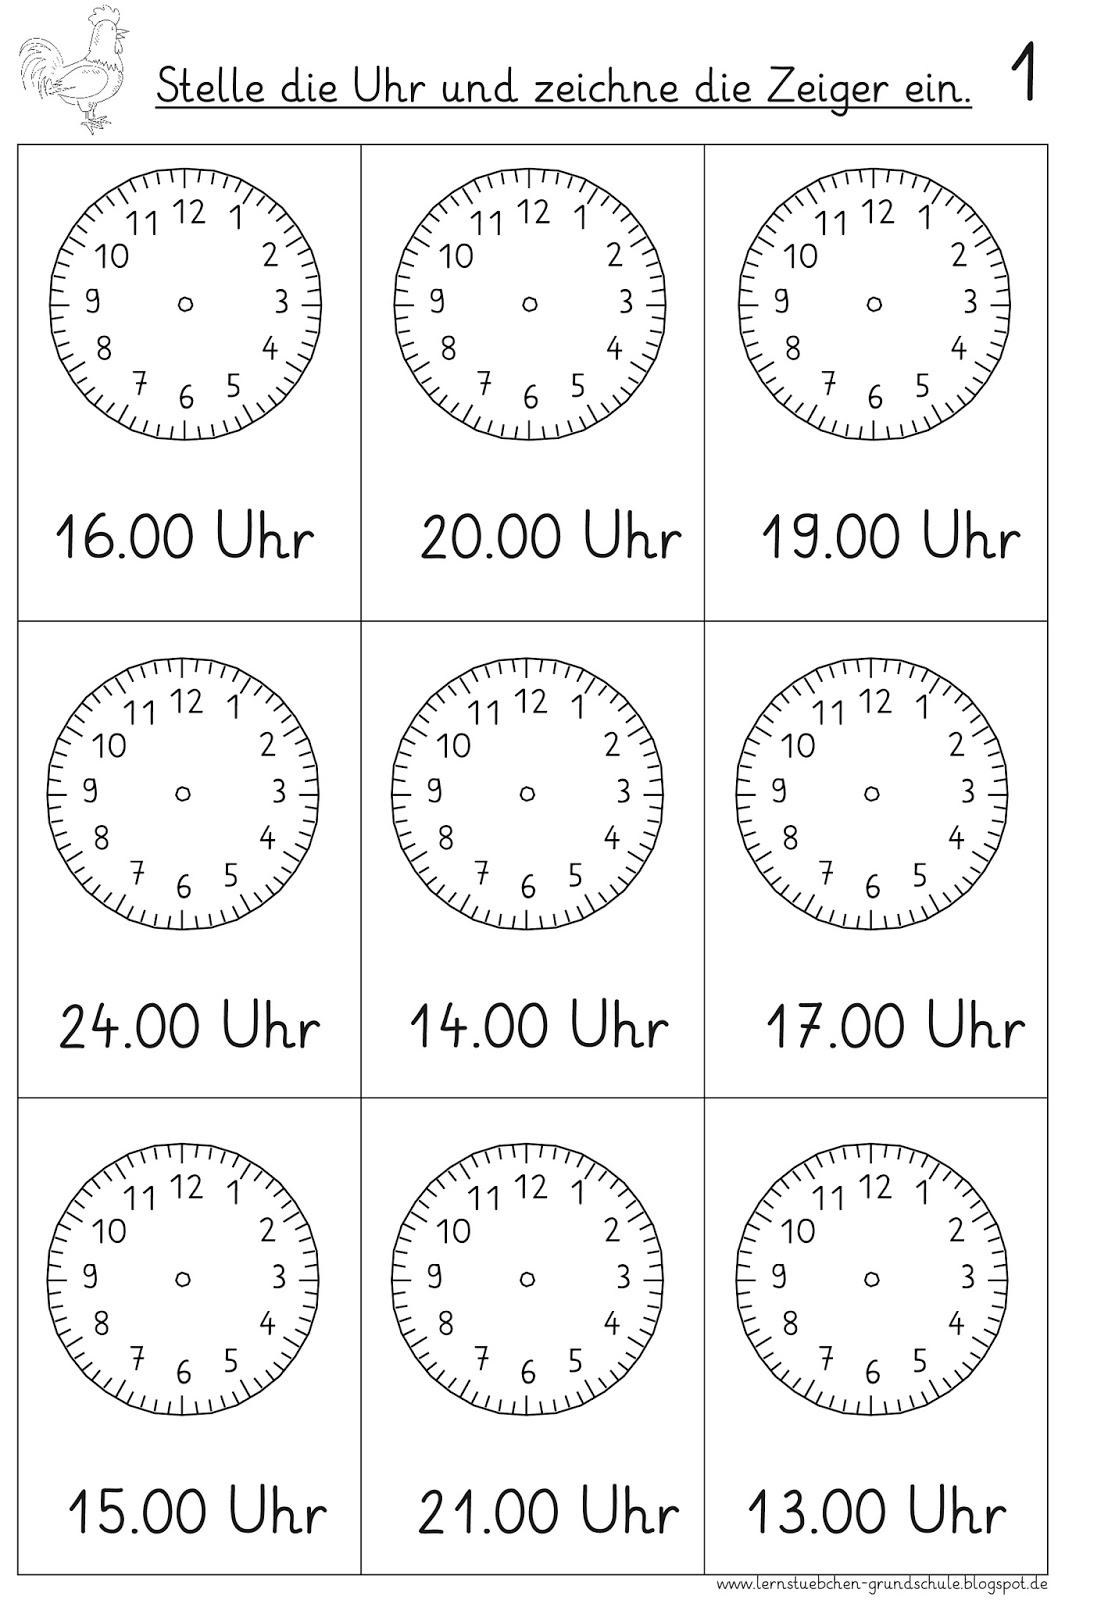 Arbeitsblatt Uhrzeit Volle Und Halbe Stunden : Lernstübchen vorgegebene uhrzeiten einstellen